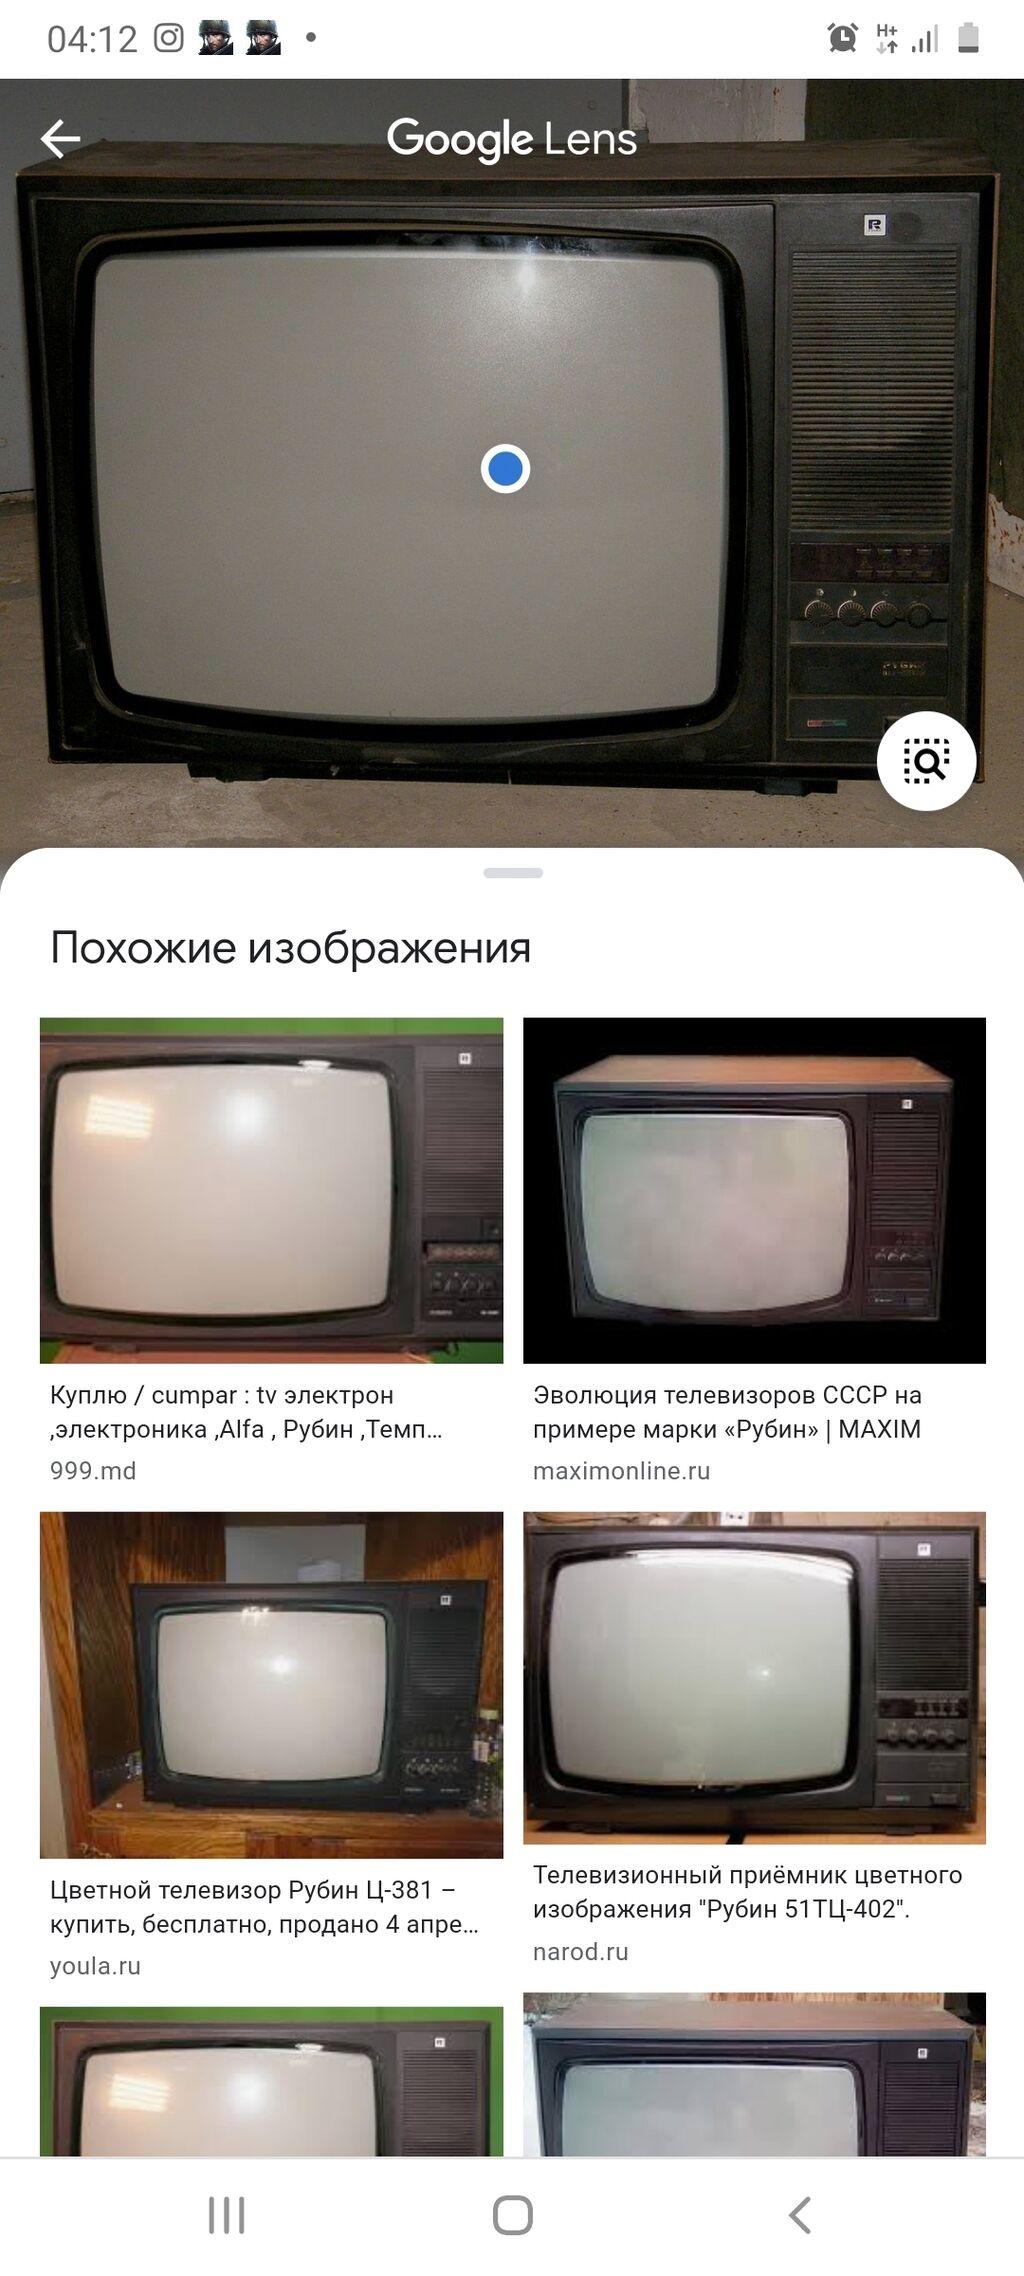 Скупка не рабочих телевизоров, мониторы от компьютера стиральная машин: Скупка не рабочих телевизоров, мониторы от компьютера стиральная машин